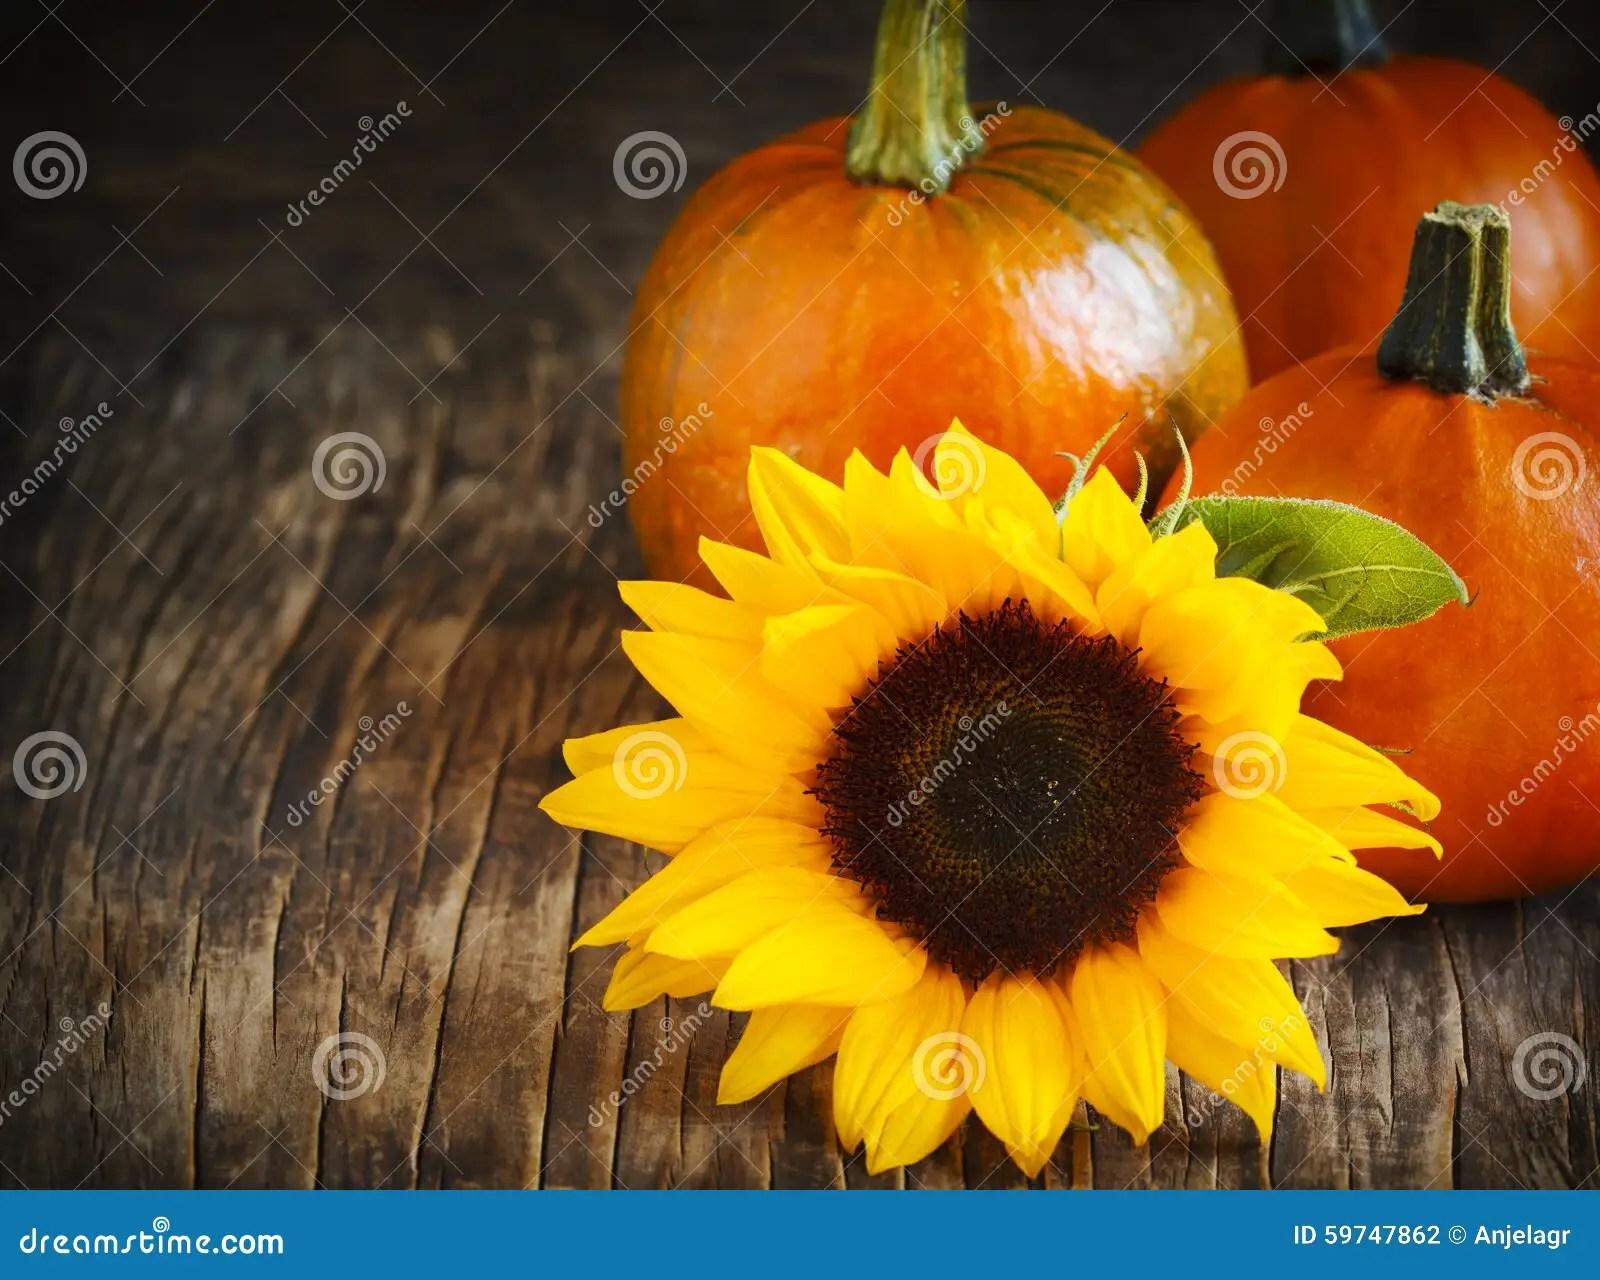 Pumpkin Fall Wallpaper Autumn Pumpkins And Sunflower Stock Photo Image Of